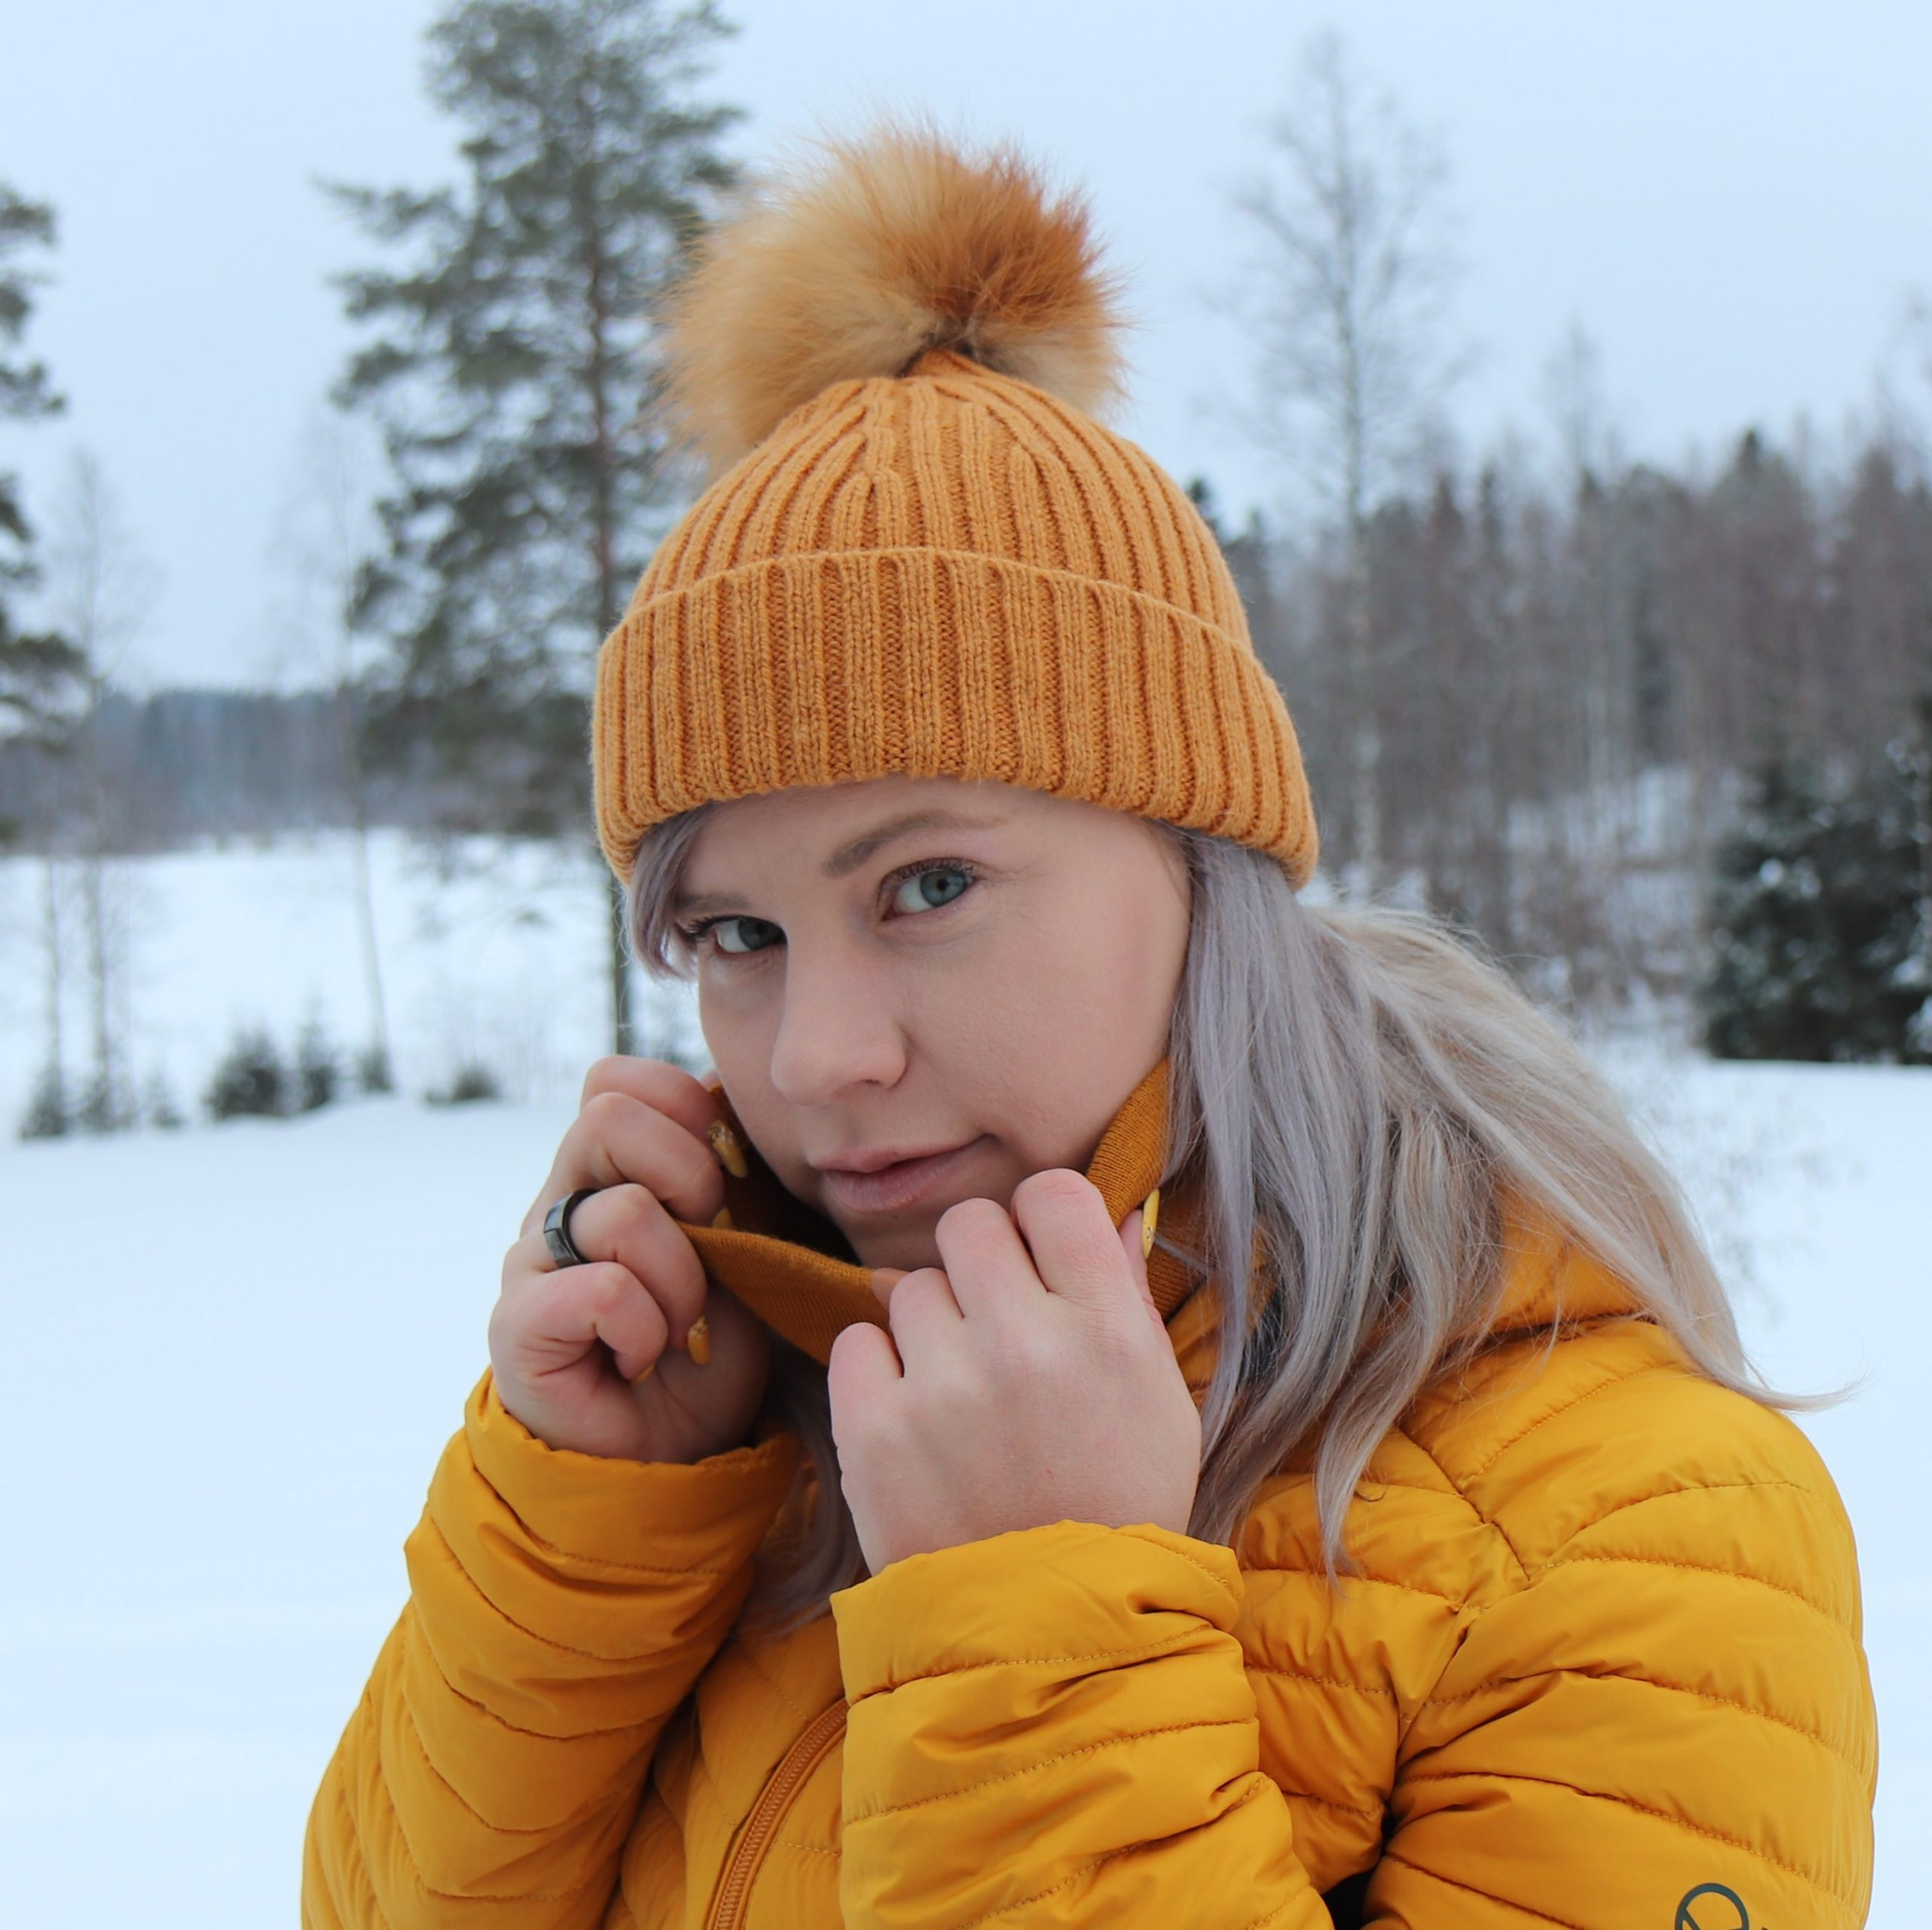 Jenna Simula